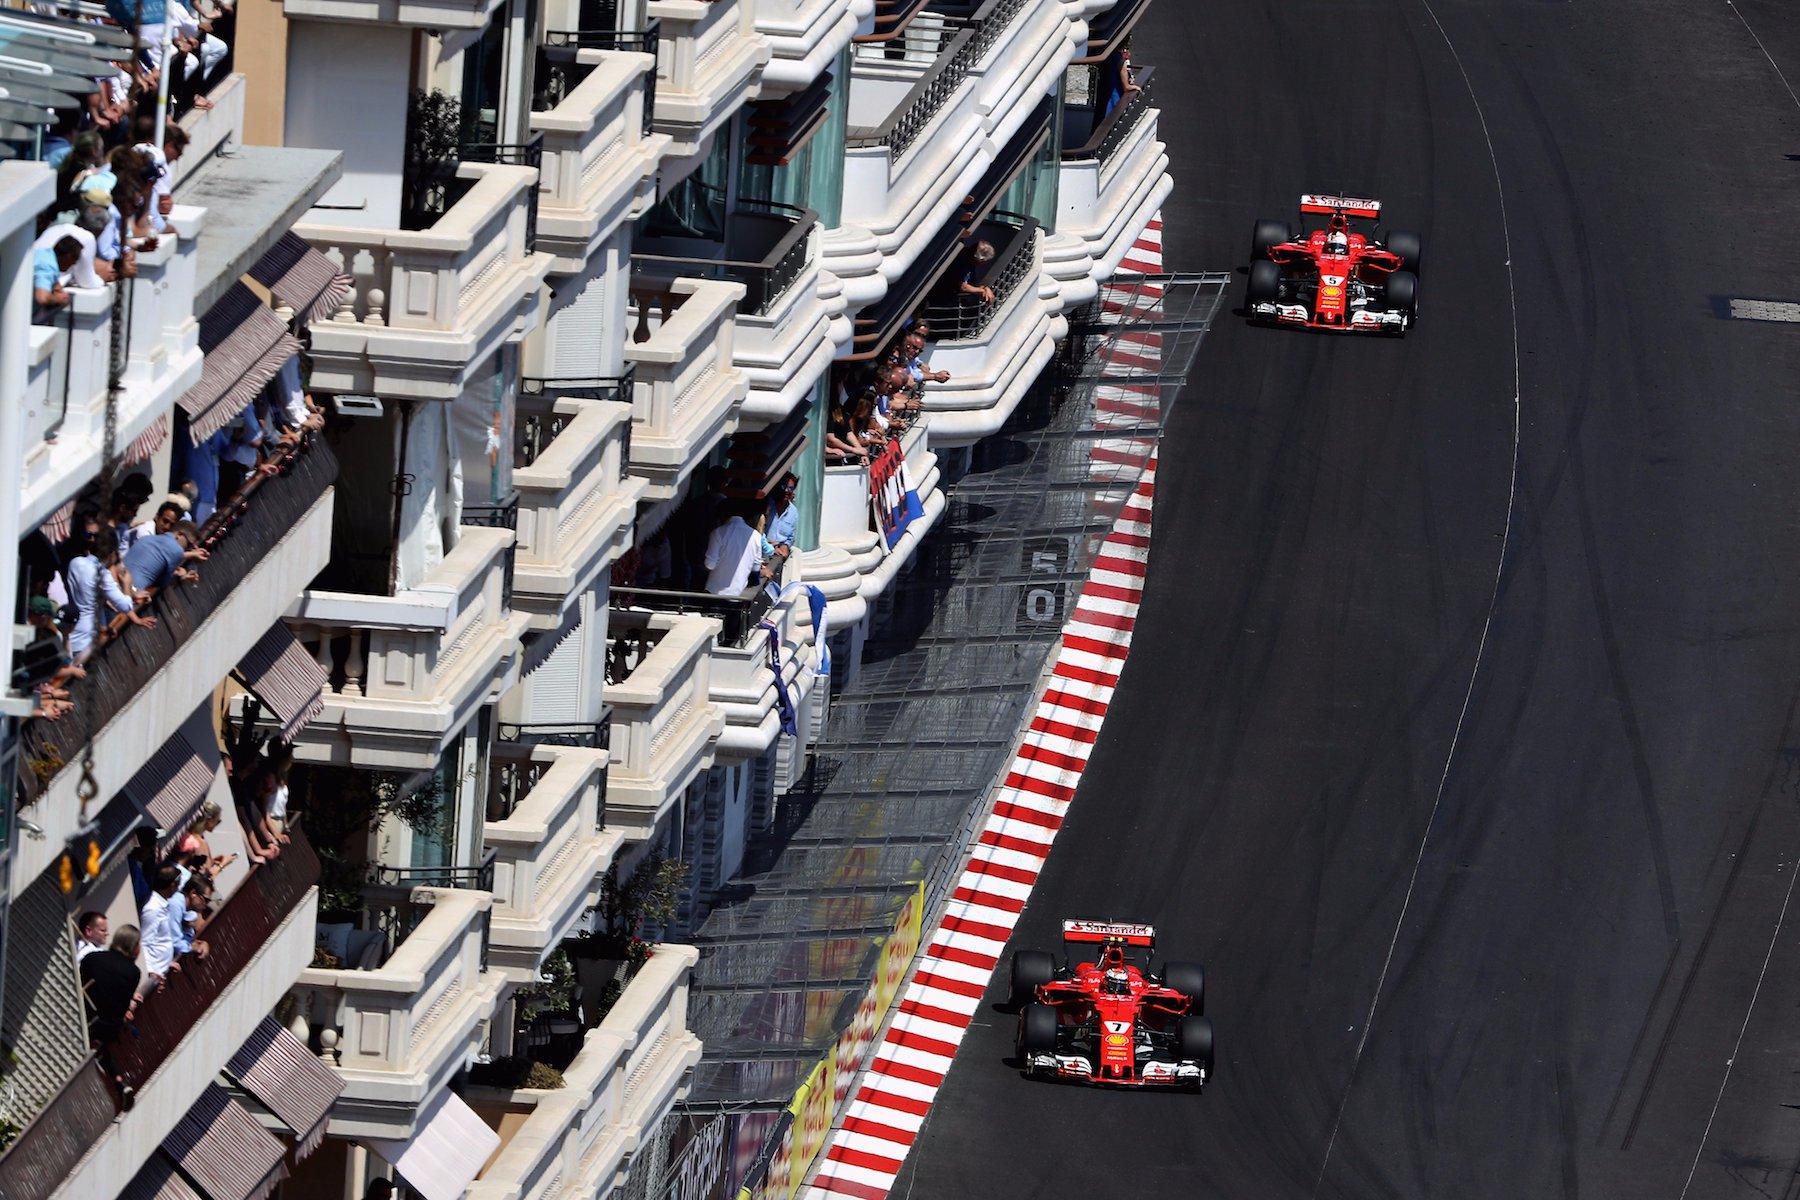 F 2017 Kimi Raikkonen | Ferrari SF70H | 2017 Monaco GP P2 1 copy.jpg